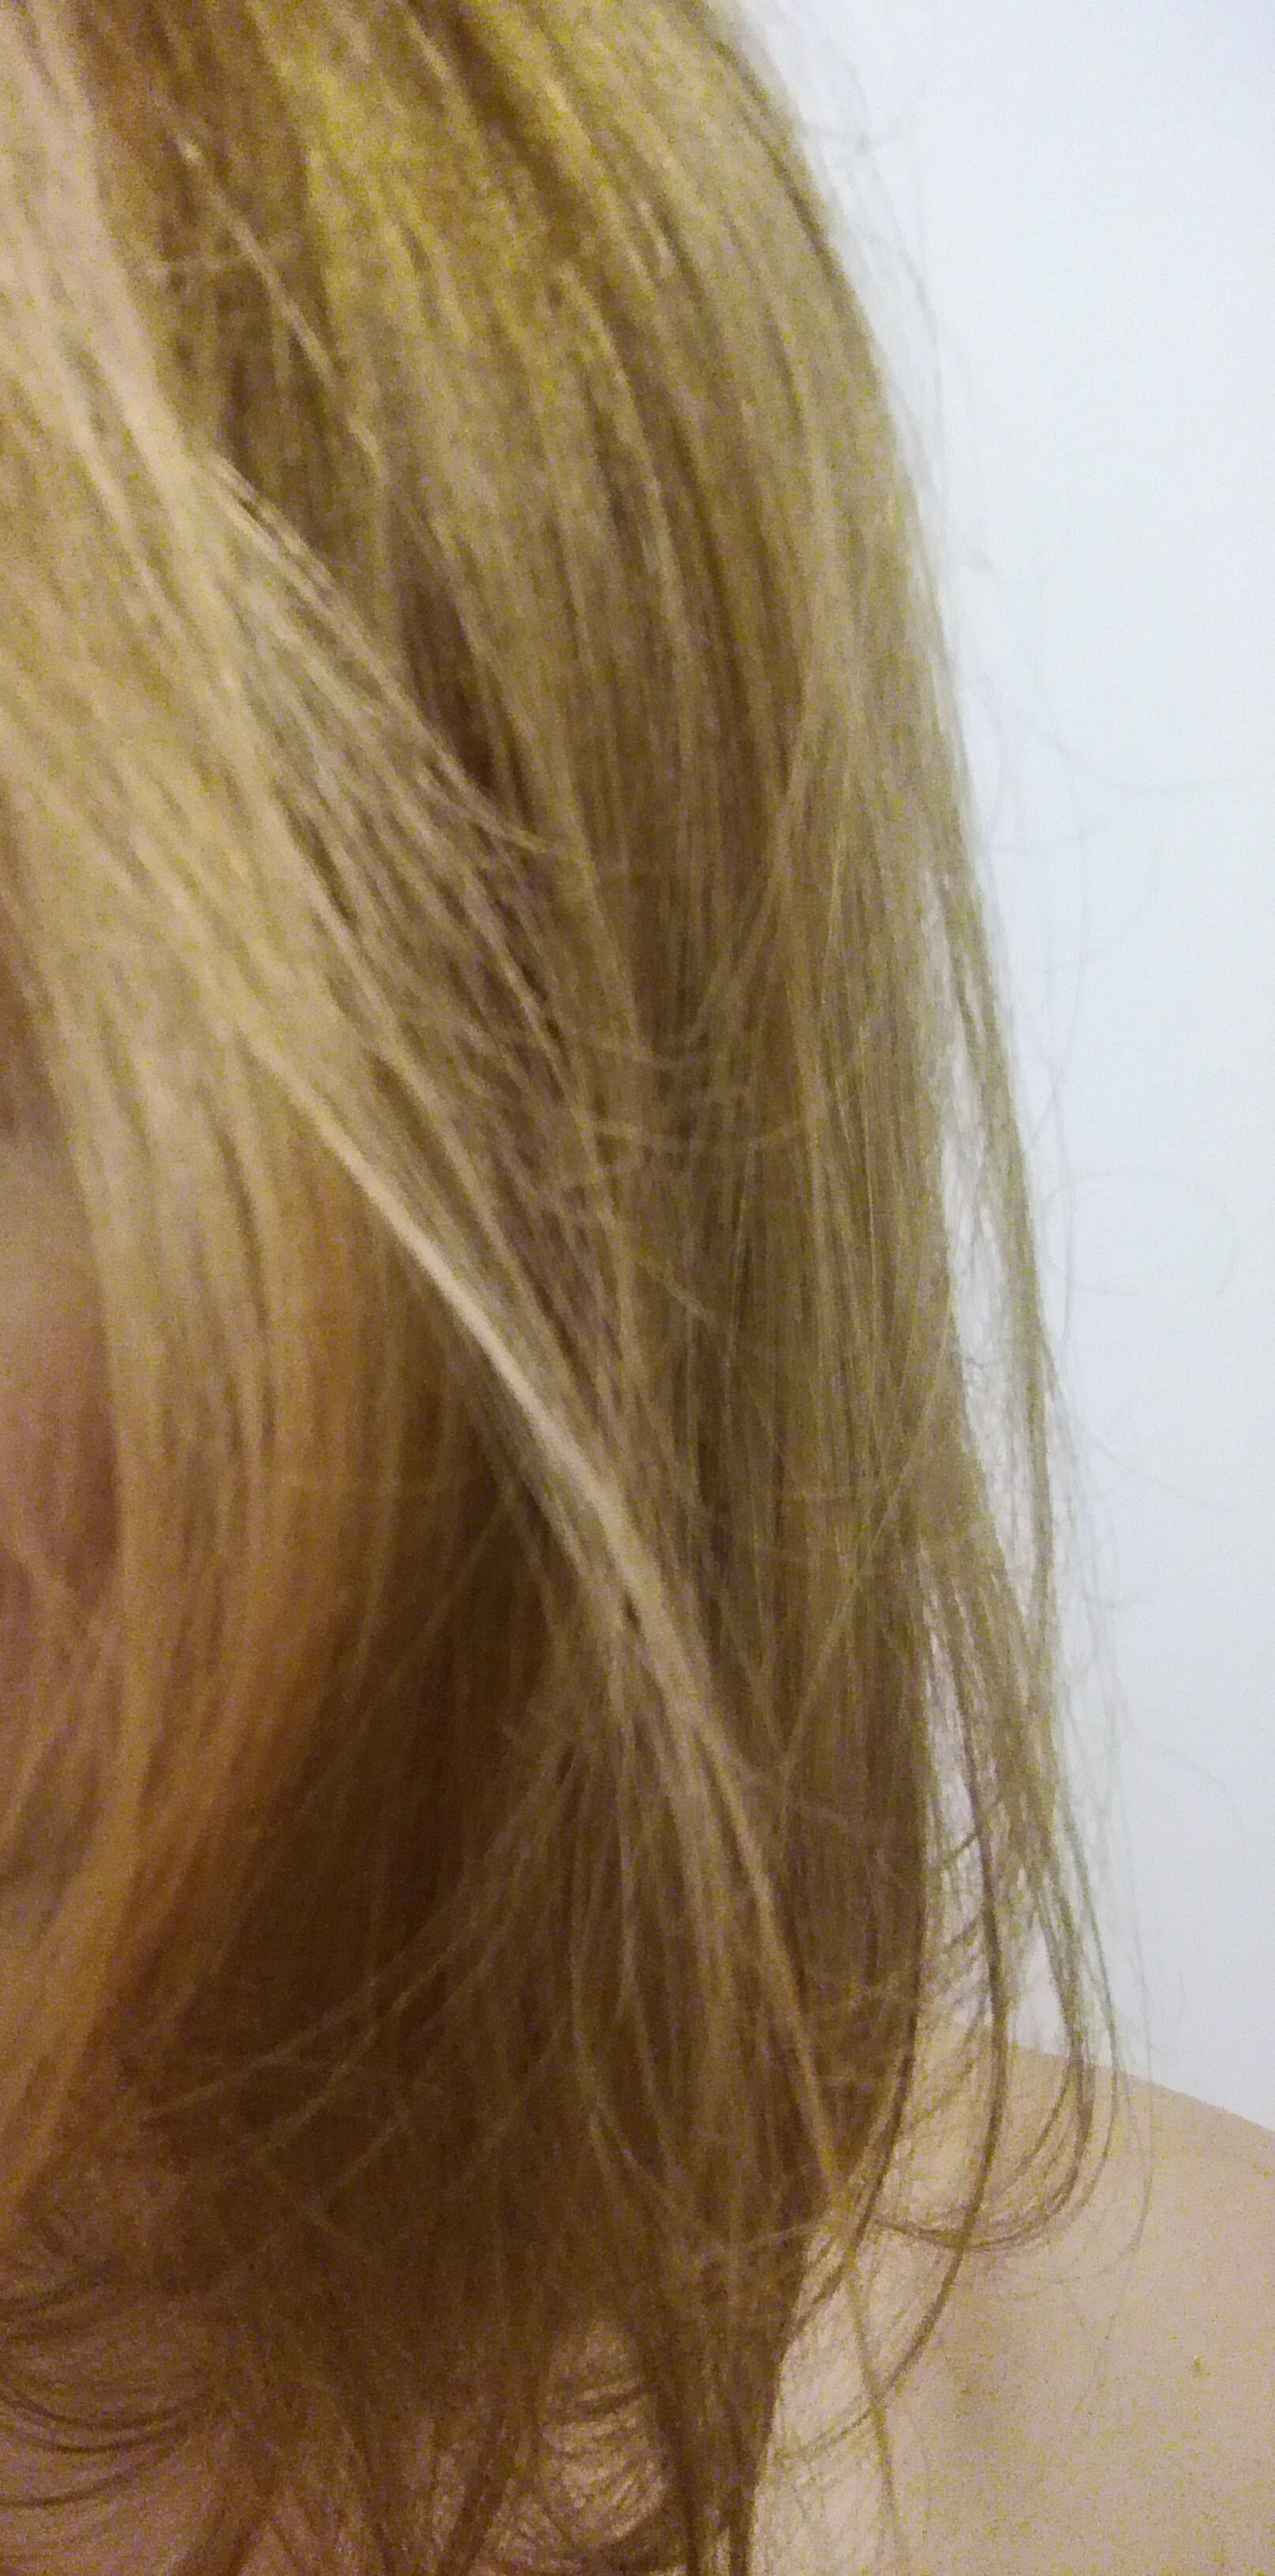 hair three.jpg